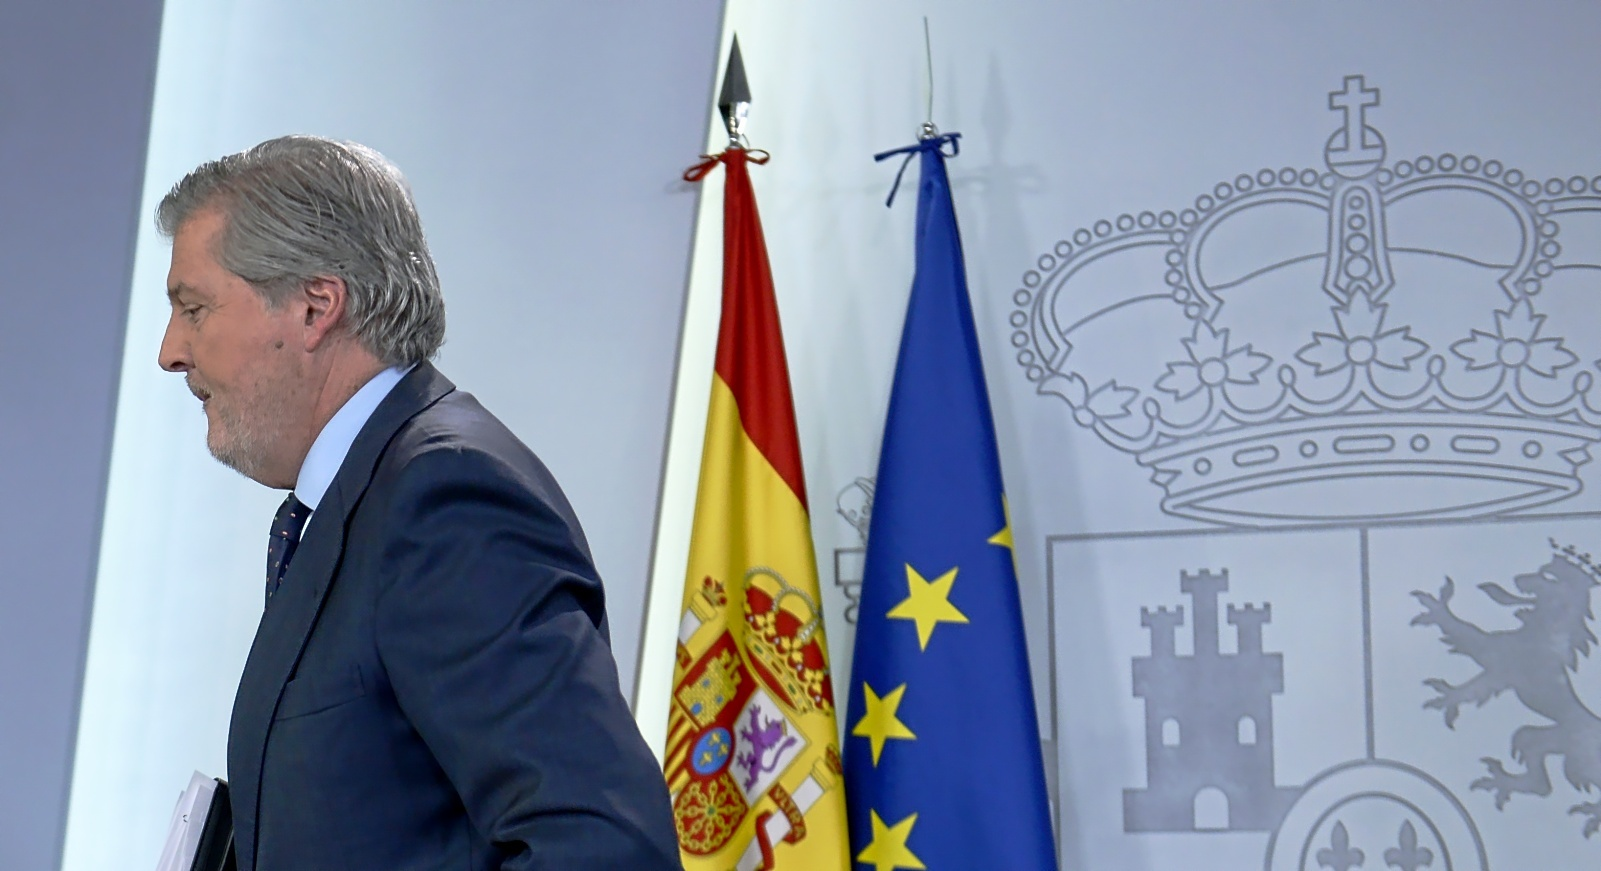 Íñigo Méndez de Vigo, portavoz del Gobierno y ministro de Educación, Cultura y Deportes, en una rueda de prensa posterior al Consejo de Ministros.